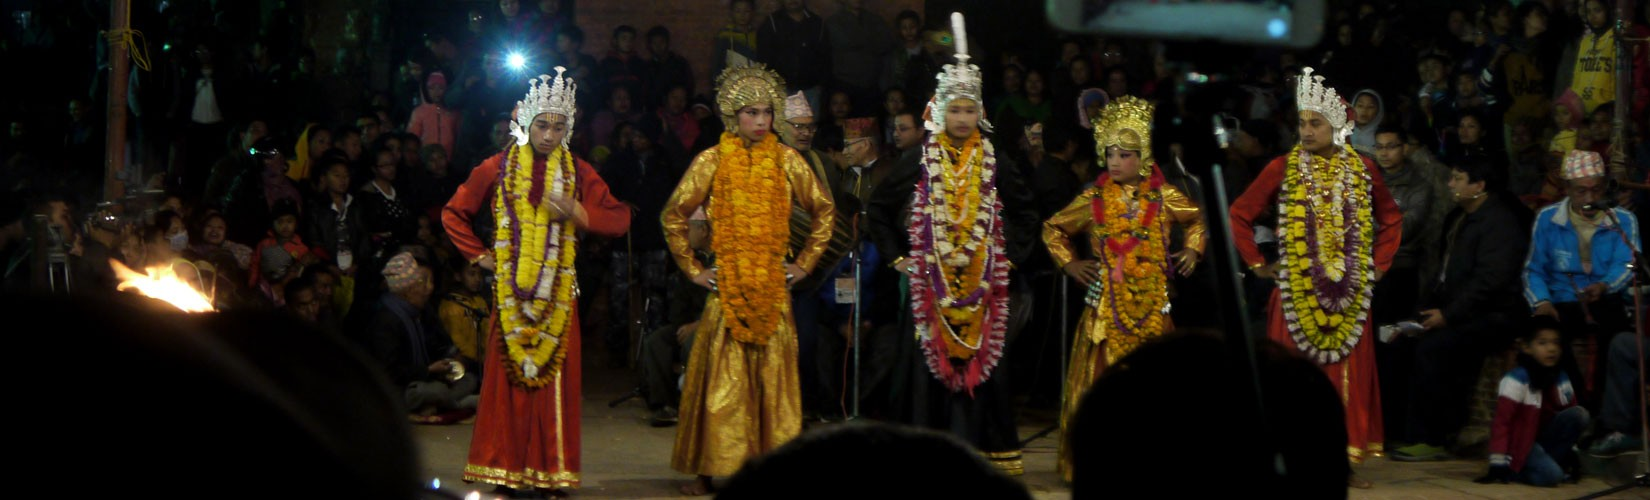 Kartik Naach in Patan Nepal